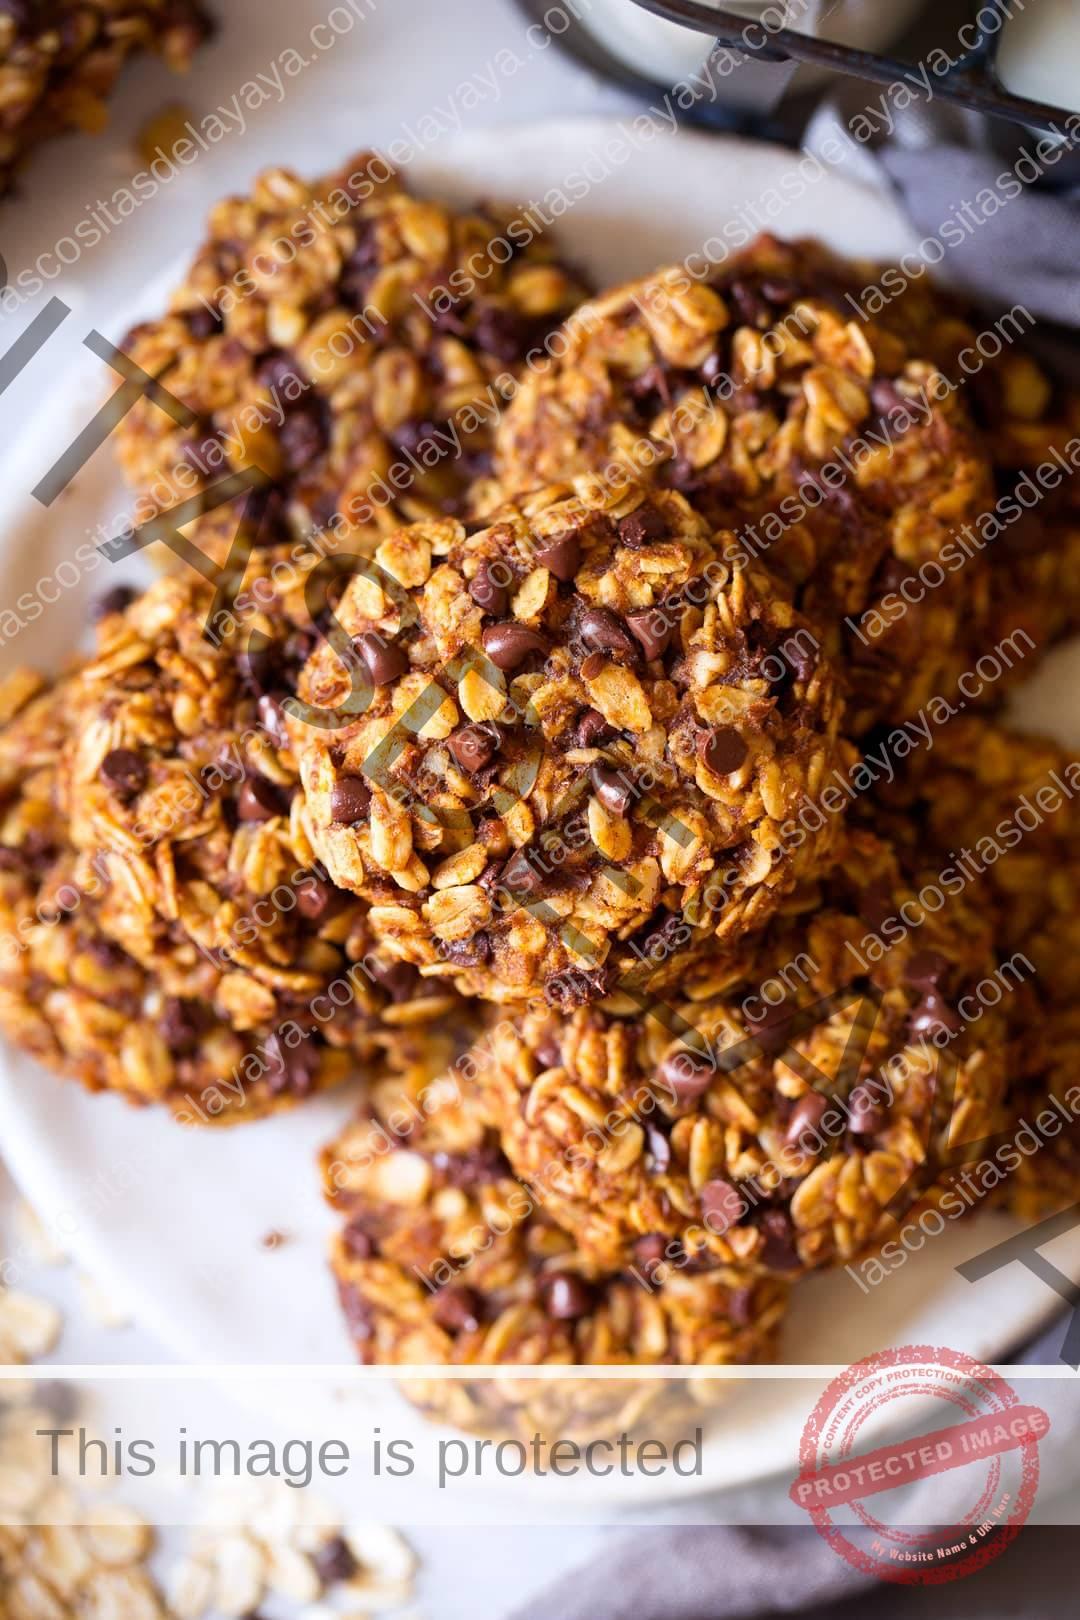 Galletas de desayuno con chispas de chocolate y avena de calabaza